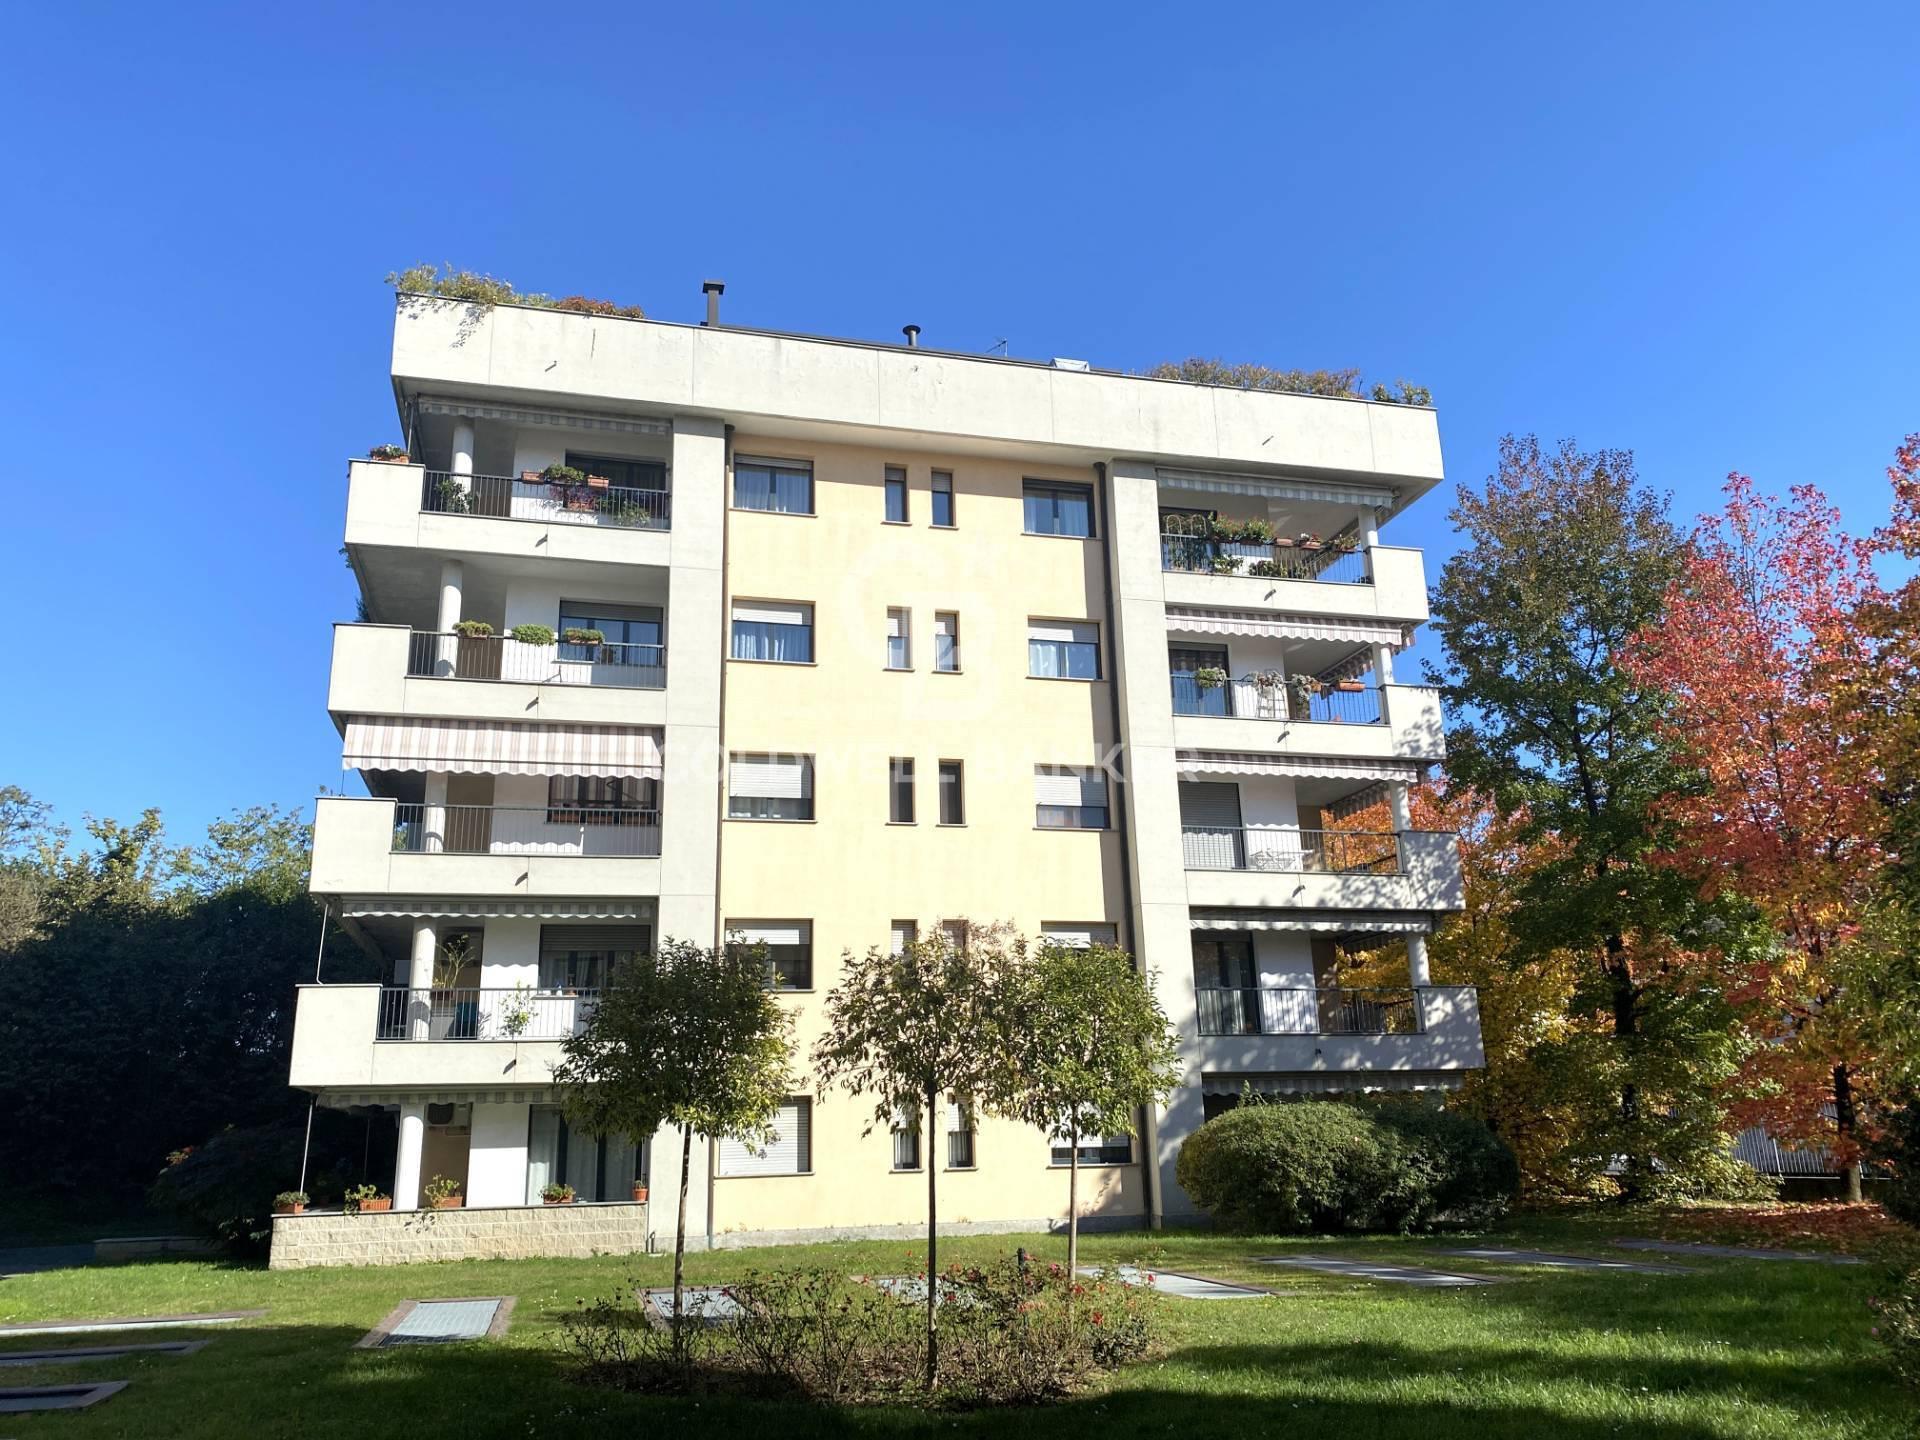 Vendita Quadrilocale Appartamento Legnano 244653